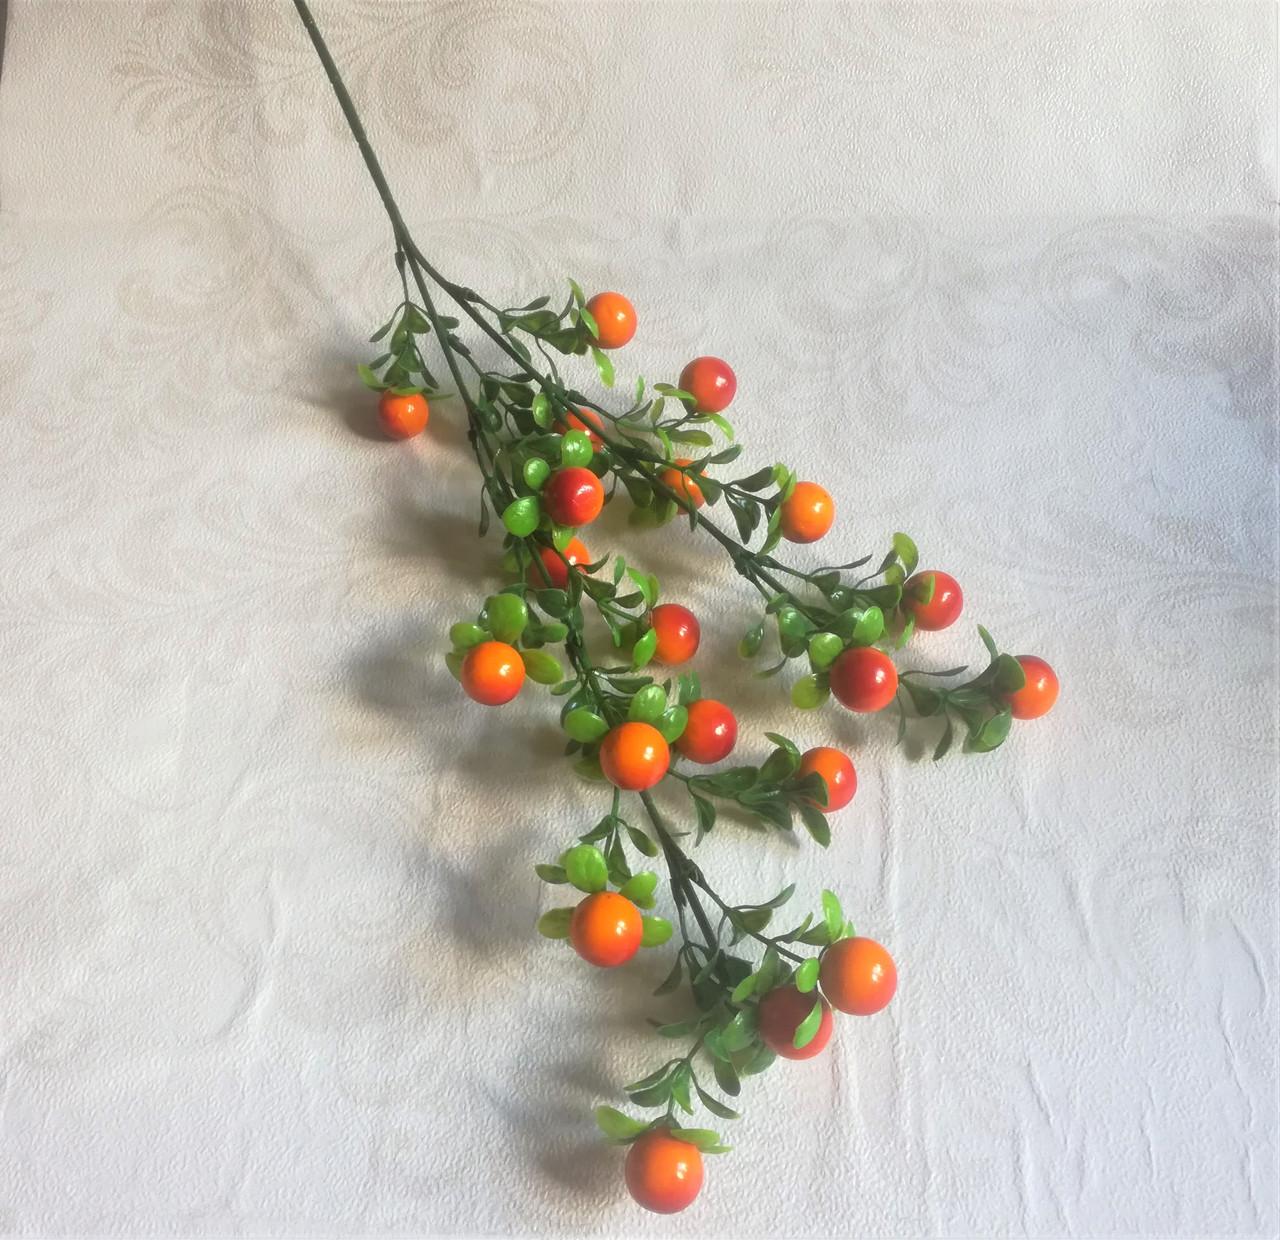 Ветка с ягодами, оранжевая.